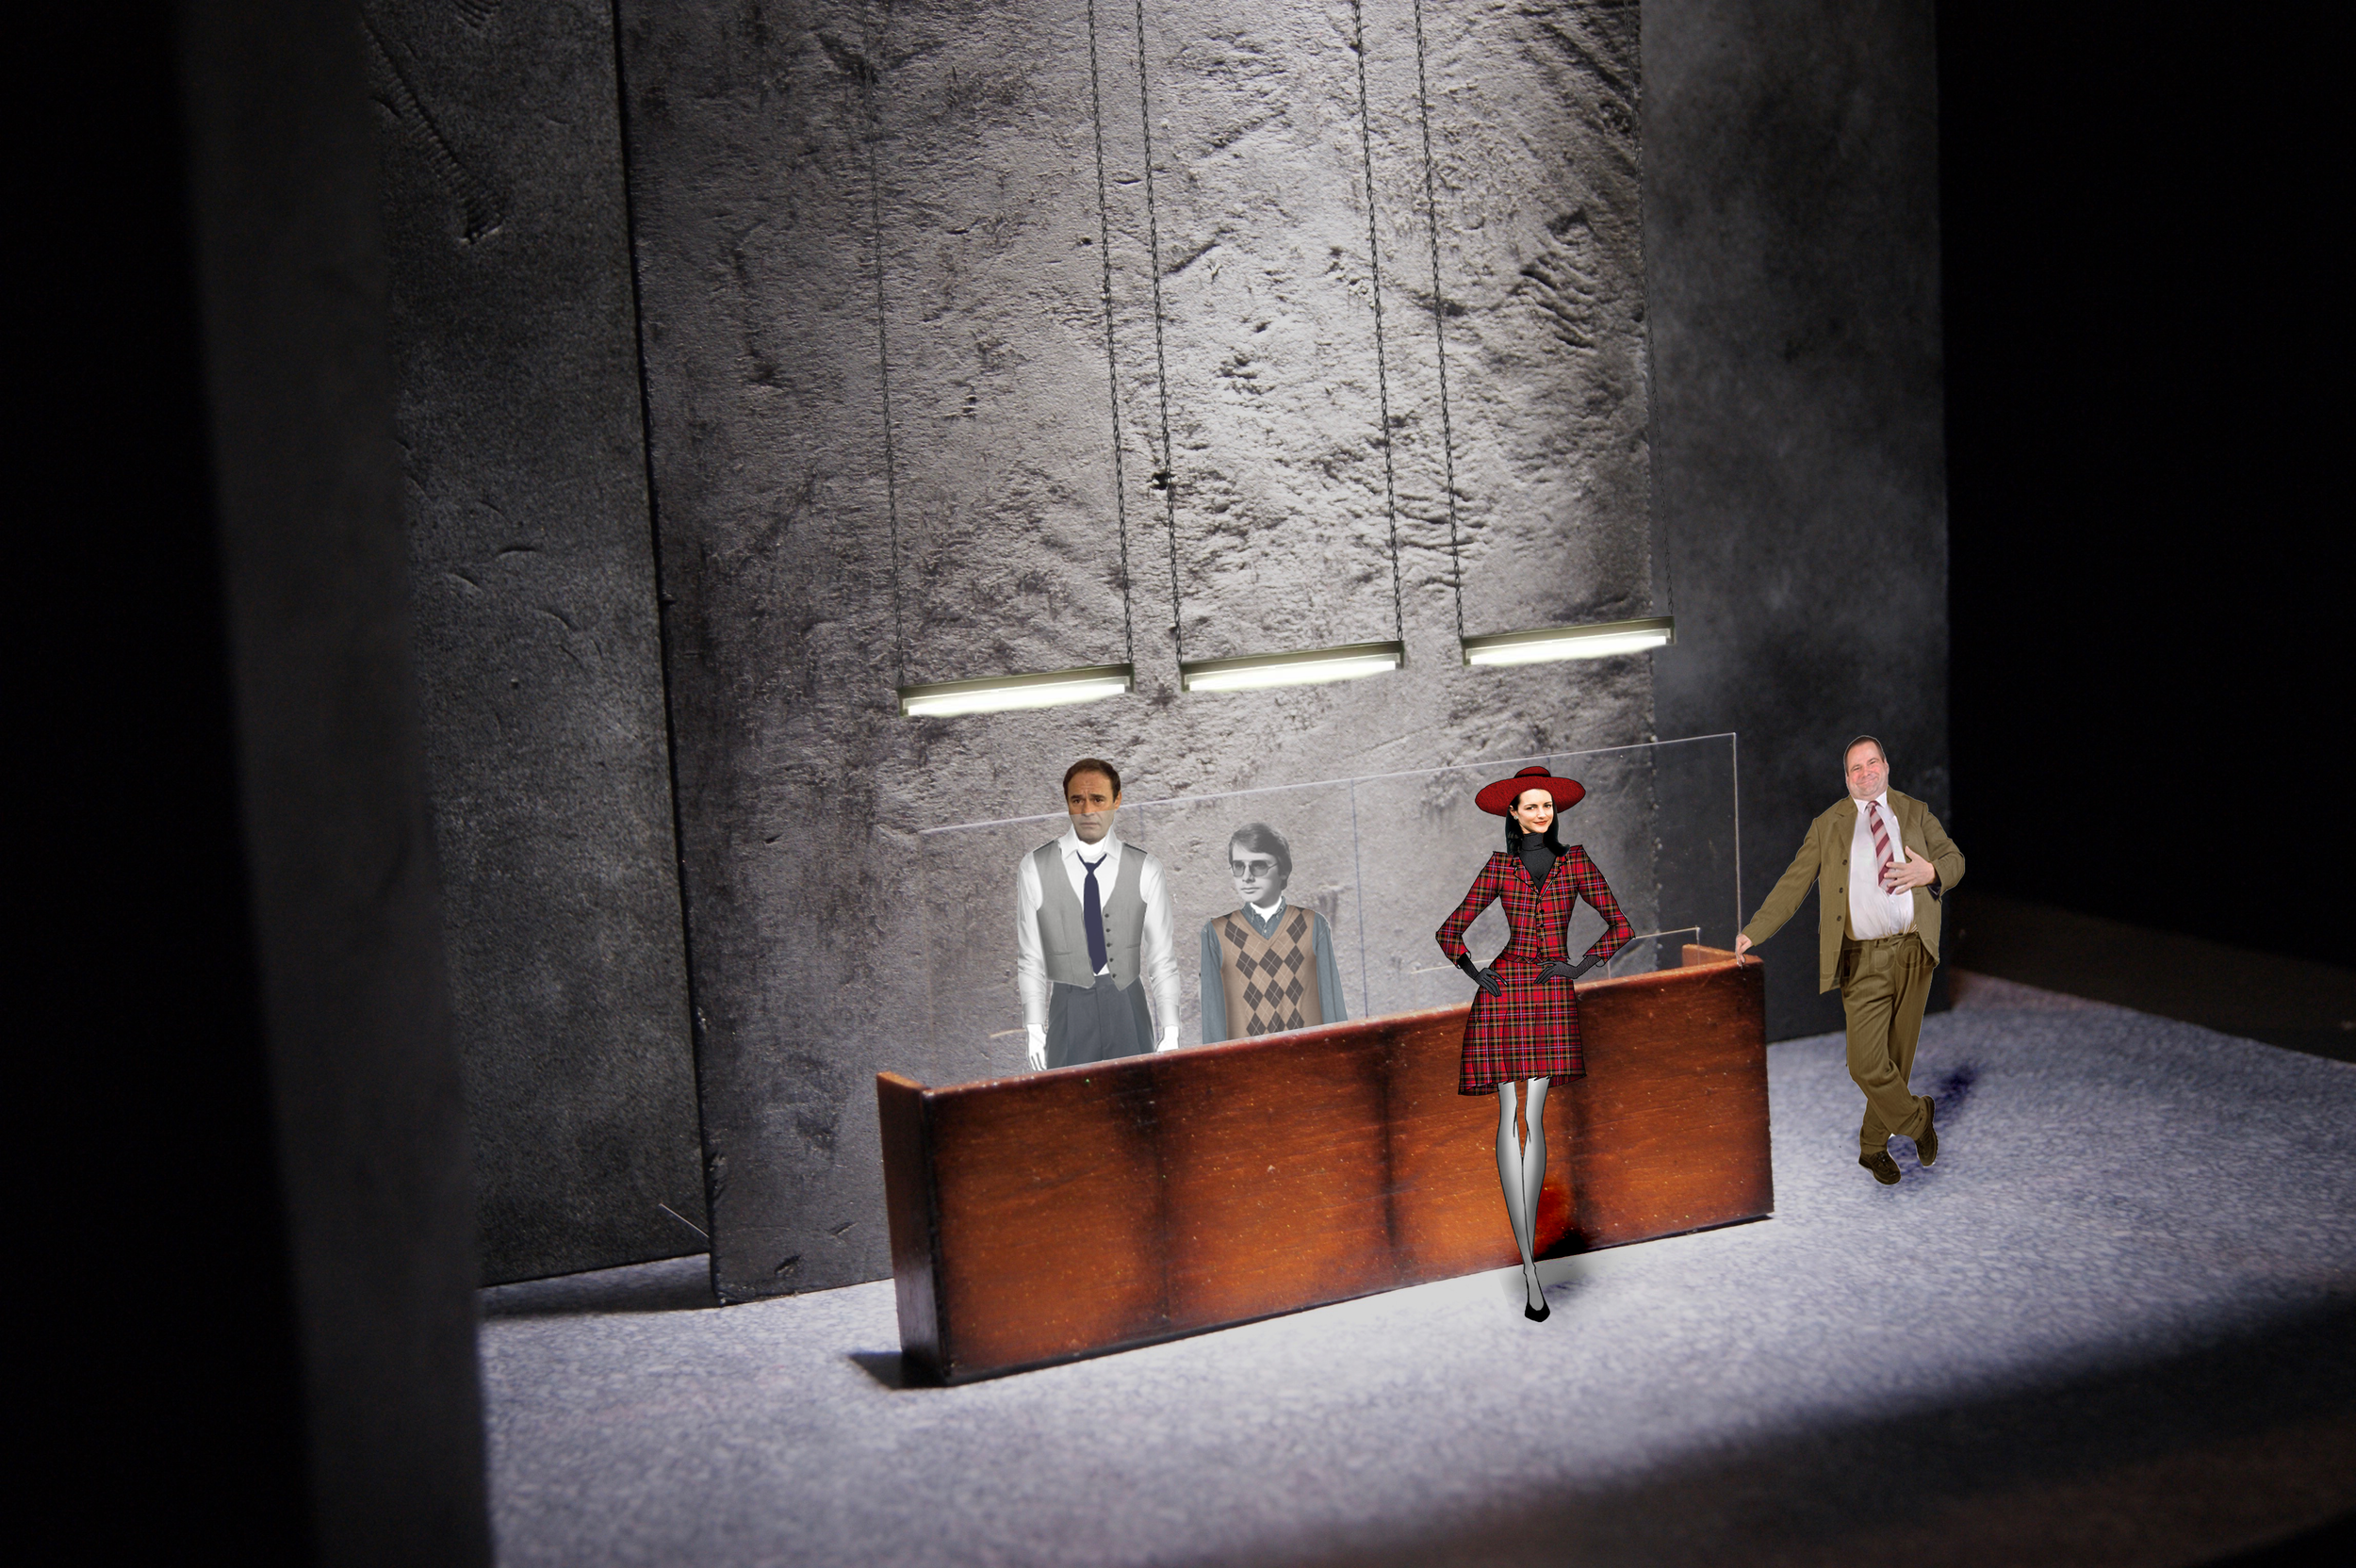 scene 1 - bank